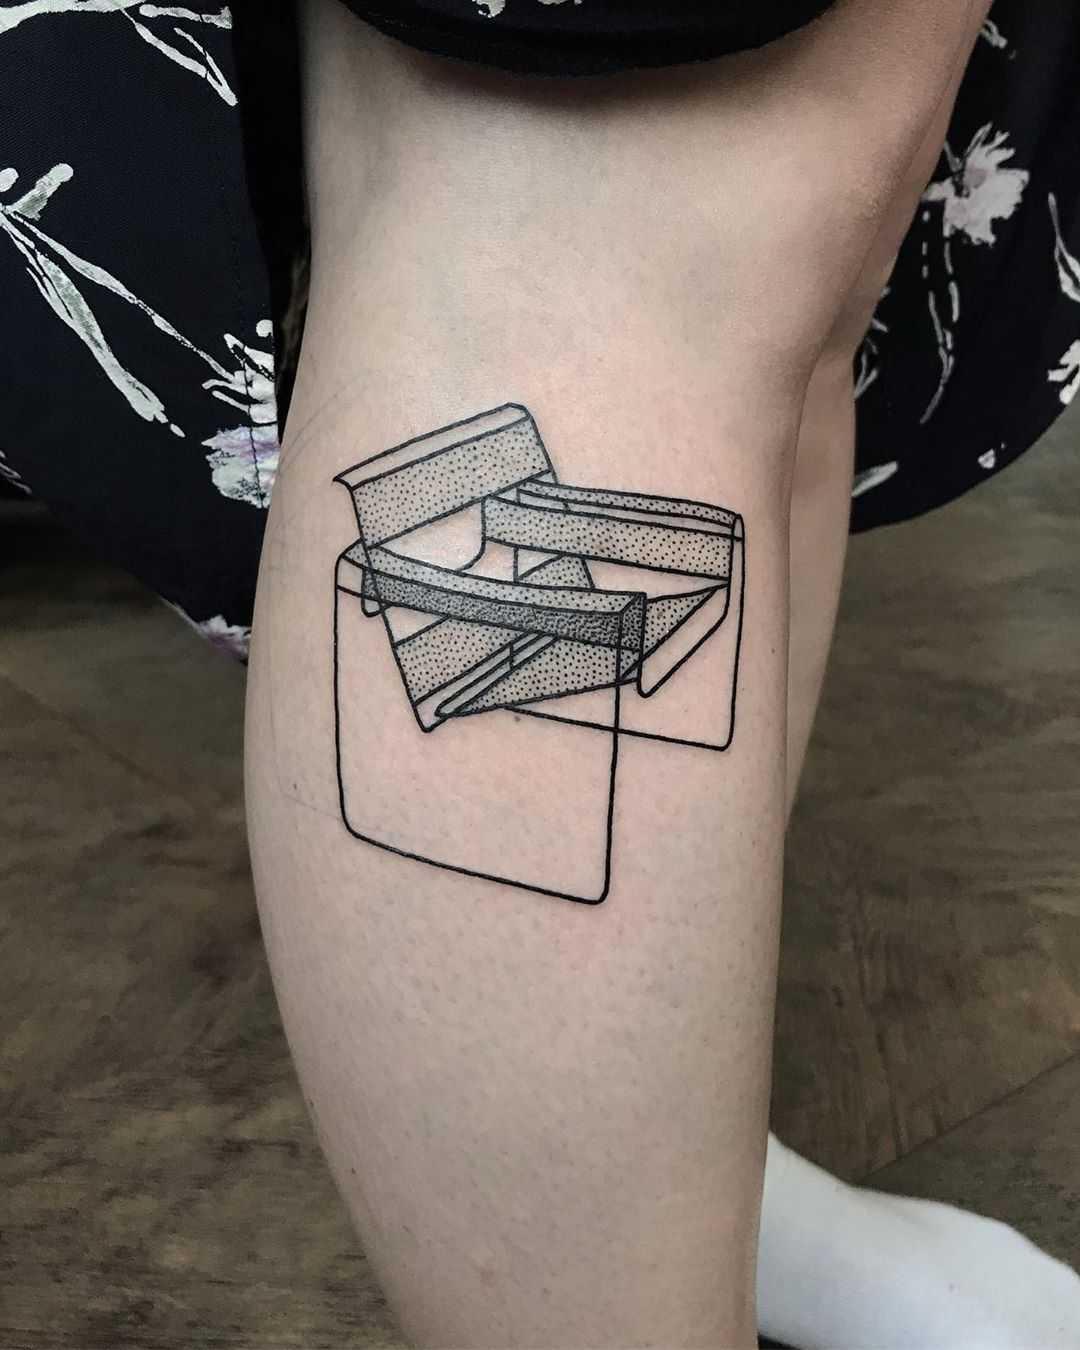 Breuer's Wassily Chair tattoo by @skrzyniarz_